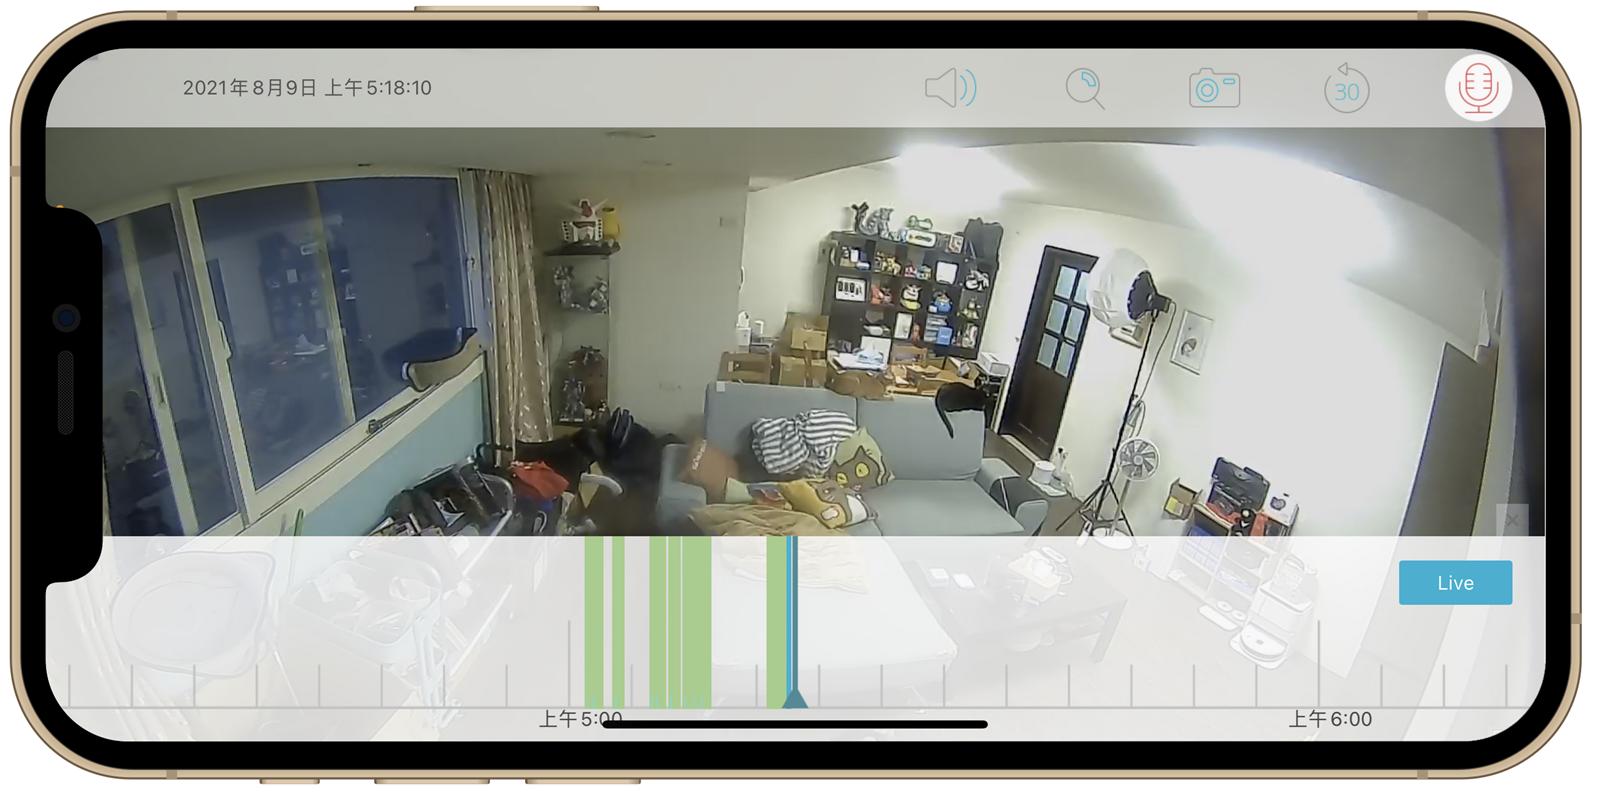 雲端 WiFi 攝影機升級!SpotCam Solo 2 全無線 1080P 廣角 180 支援夜視功能以及終身免費雲端錄影方案 @3C 達人廖阿輝